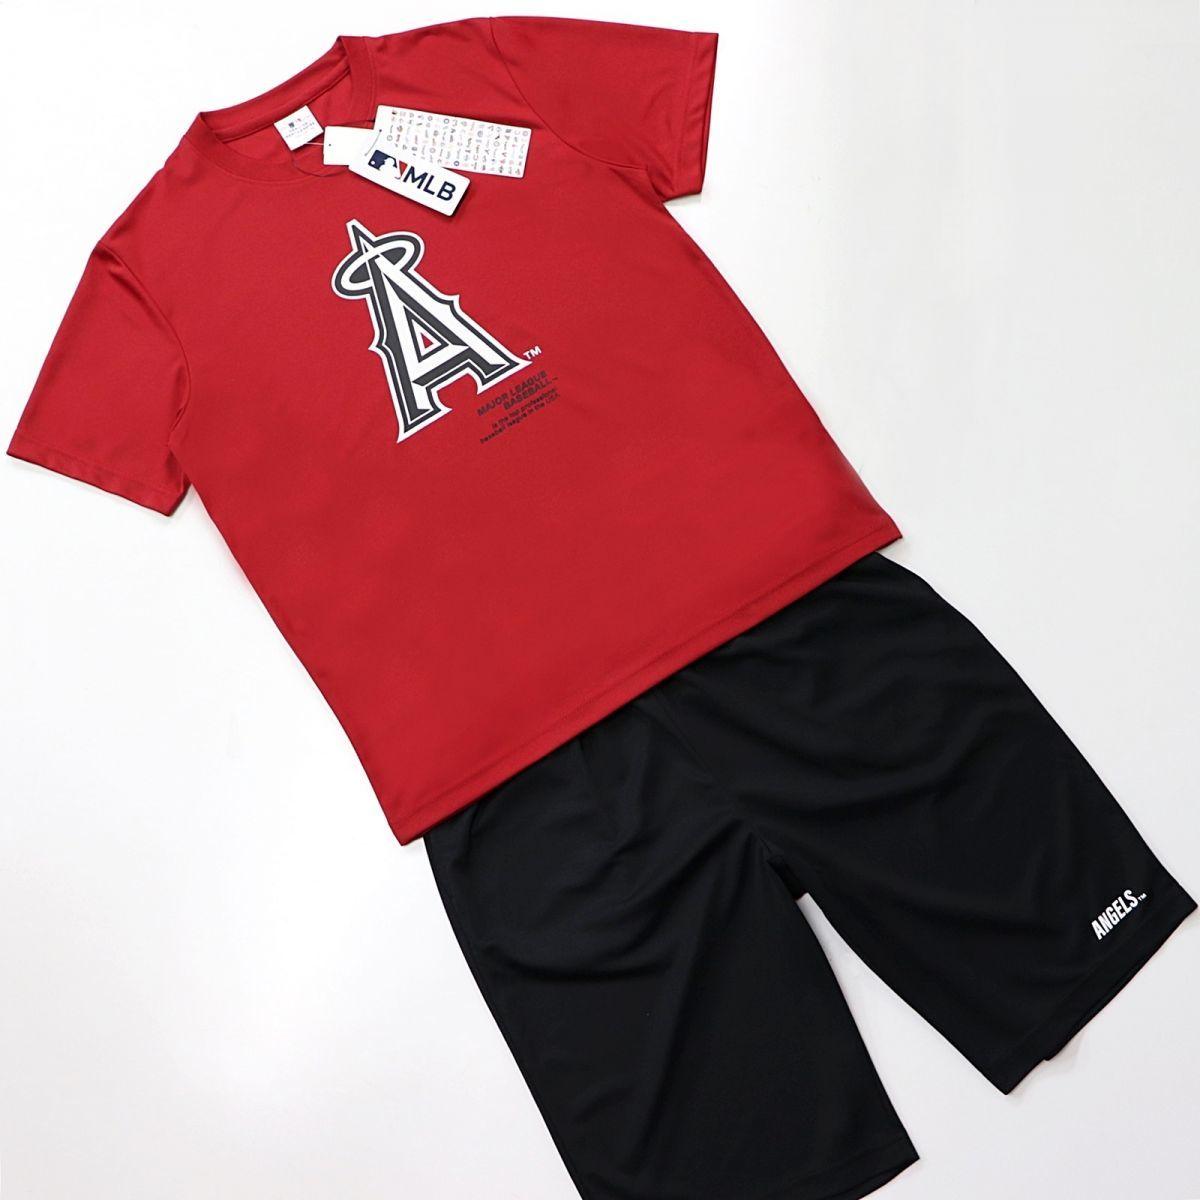 ★ロサンゼルス・エンゼルス Los Angeles Angels MLB 公式 メジャーリーグ メンズ 上下セット スーツ [SETC2130MA-05-LL]一 五 参★QWER★